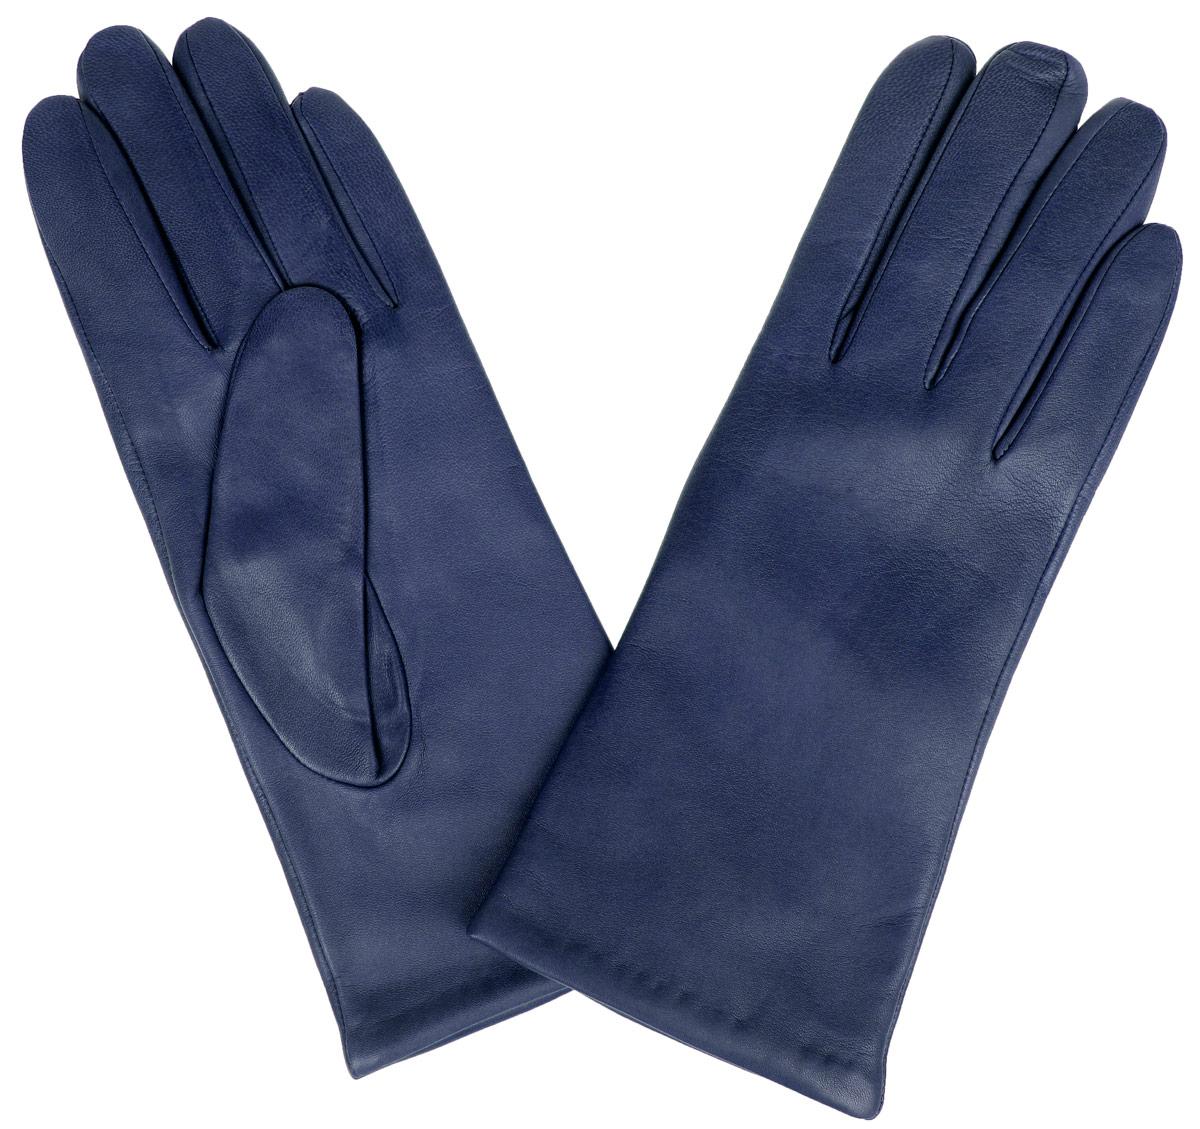 Перчатки женские Eleganzza, цвет: темно-синий. IS0190. Размер 6,5IS0190Стильные женские перчатки Eleganzza не только защитят ваши руки от холода, но и станут великолепным украшением. Перчатки выполнены из натуральной кожи ягненка, подкладка - из 100% искусственного шелка.В настоящее время перчатки являются неотъемлемой принадлежностью одежды, вместе с этим аксессуаром вы обретаете женственность и элегантность. Перчатки станут завершающим и подчеркивающим элементом вашего стиля и неповторимости.